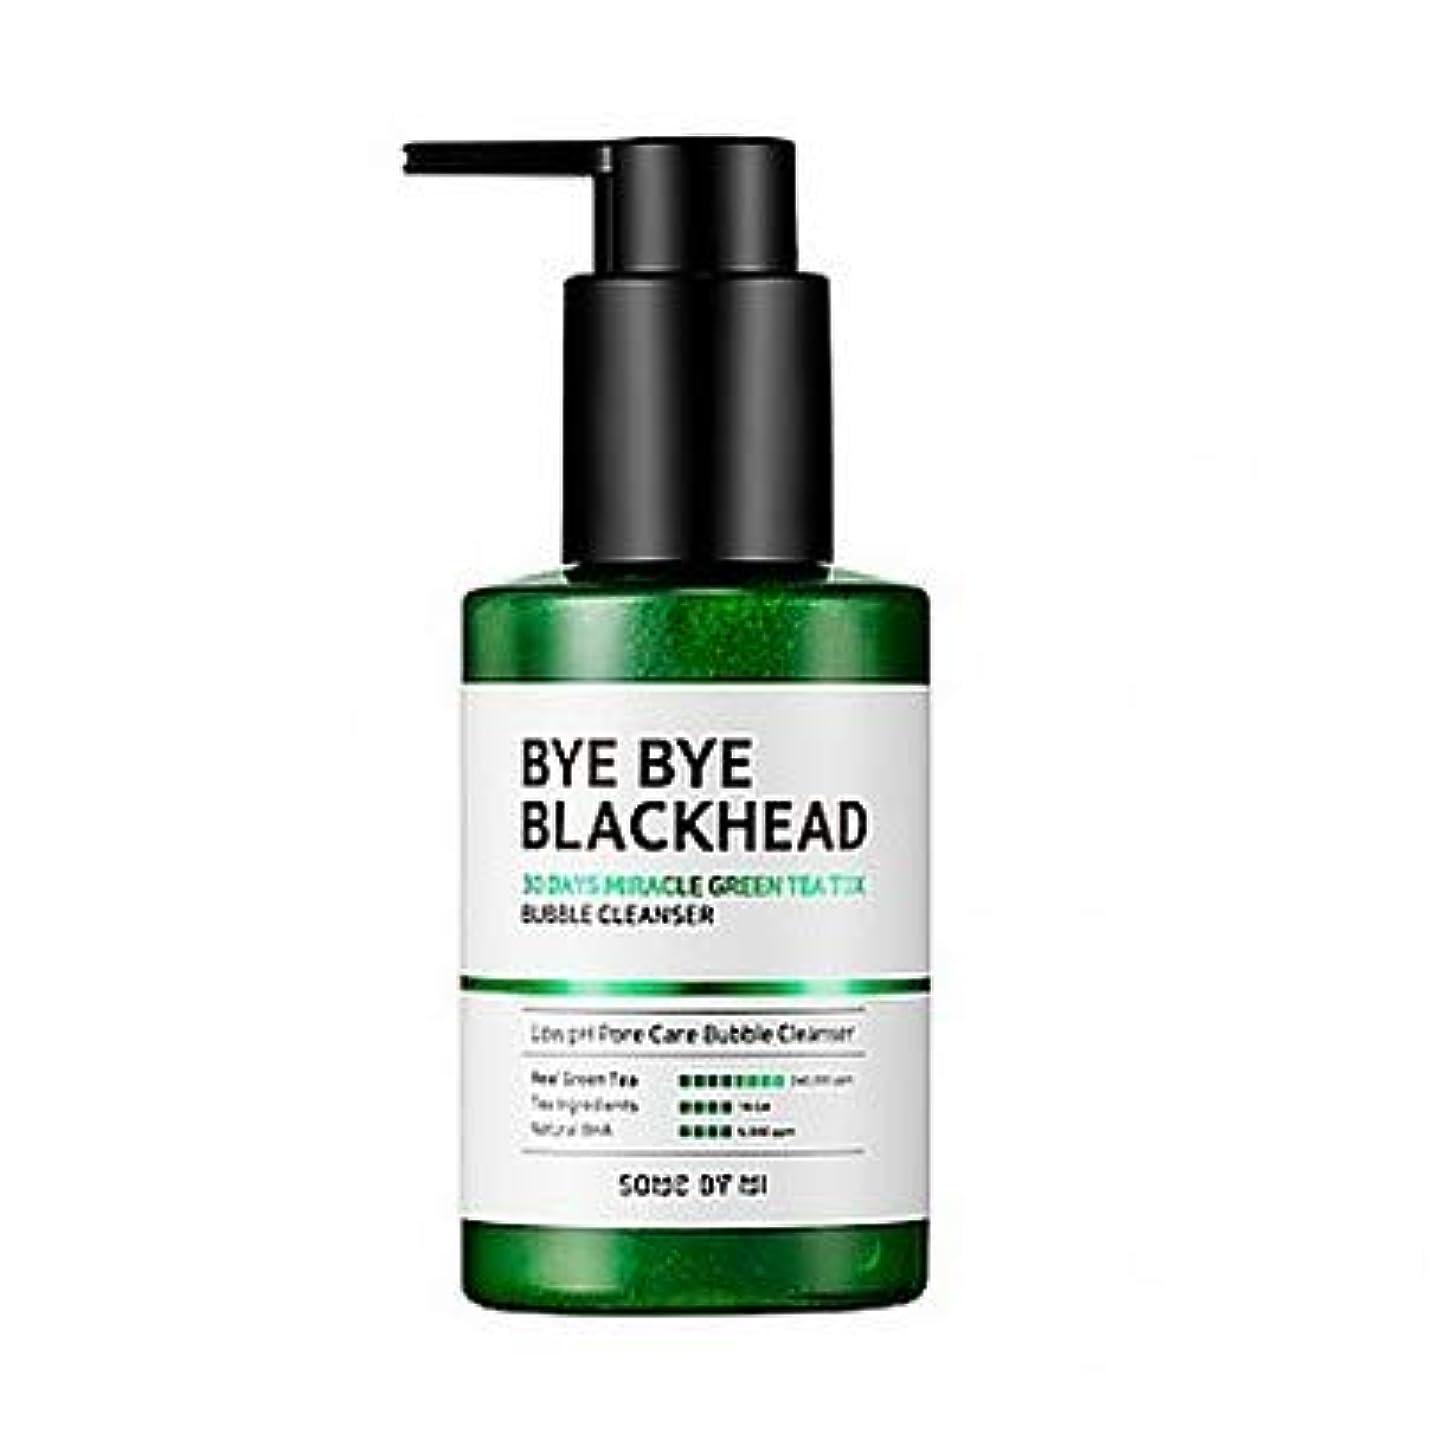 フルーティー口述するいつ[SOME BY MI] BYE BYE BLACKHEAD 30DAYS MILACLE GREEN TEA TOX BUBBLE CLEANSER 120g / [サムバイミー] バイバイブラックヘッド30DAYS...